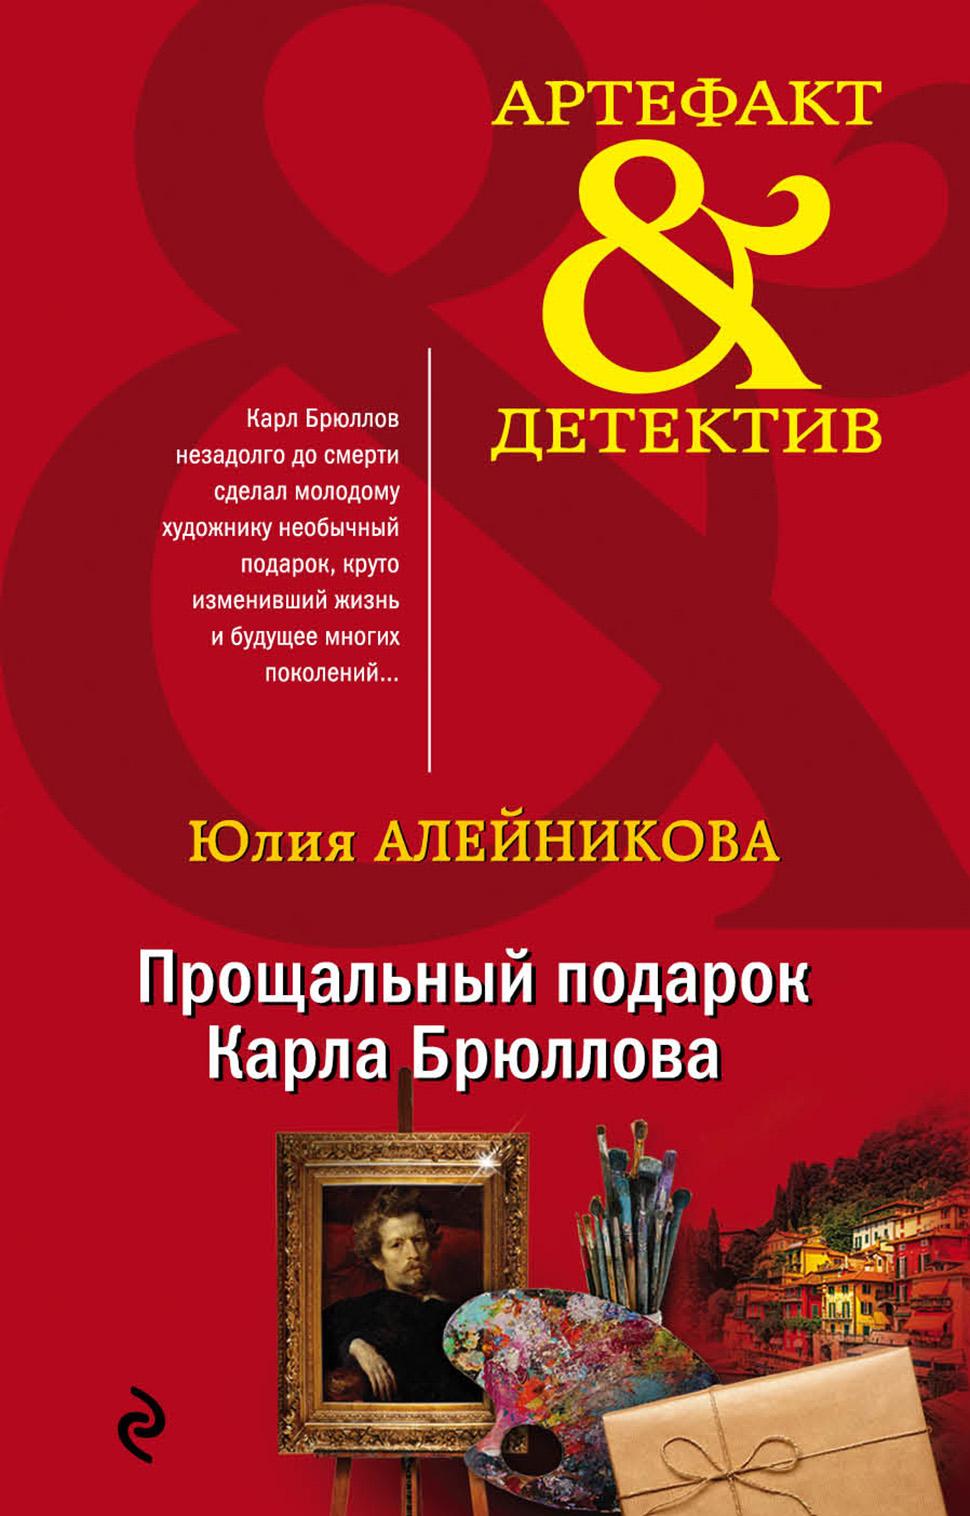 Купить книгу Прощальный подарок Карла Брюллова, автора Юлии Алейниковой